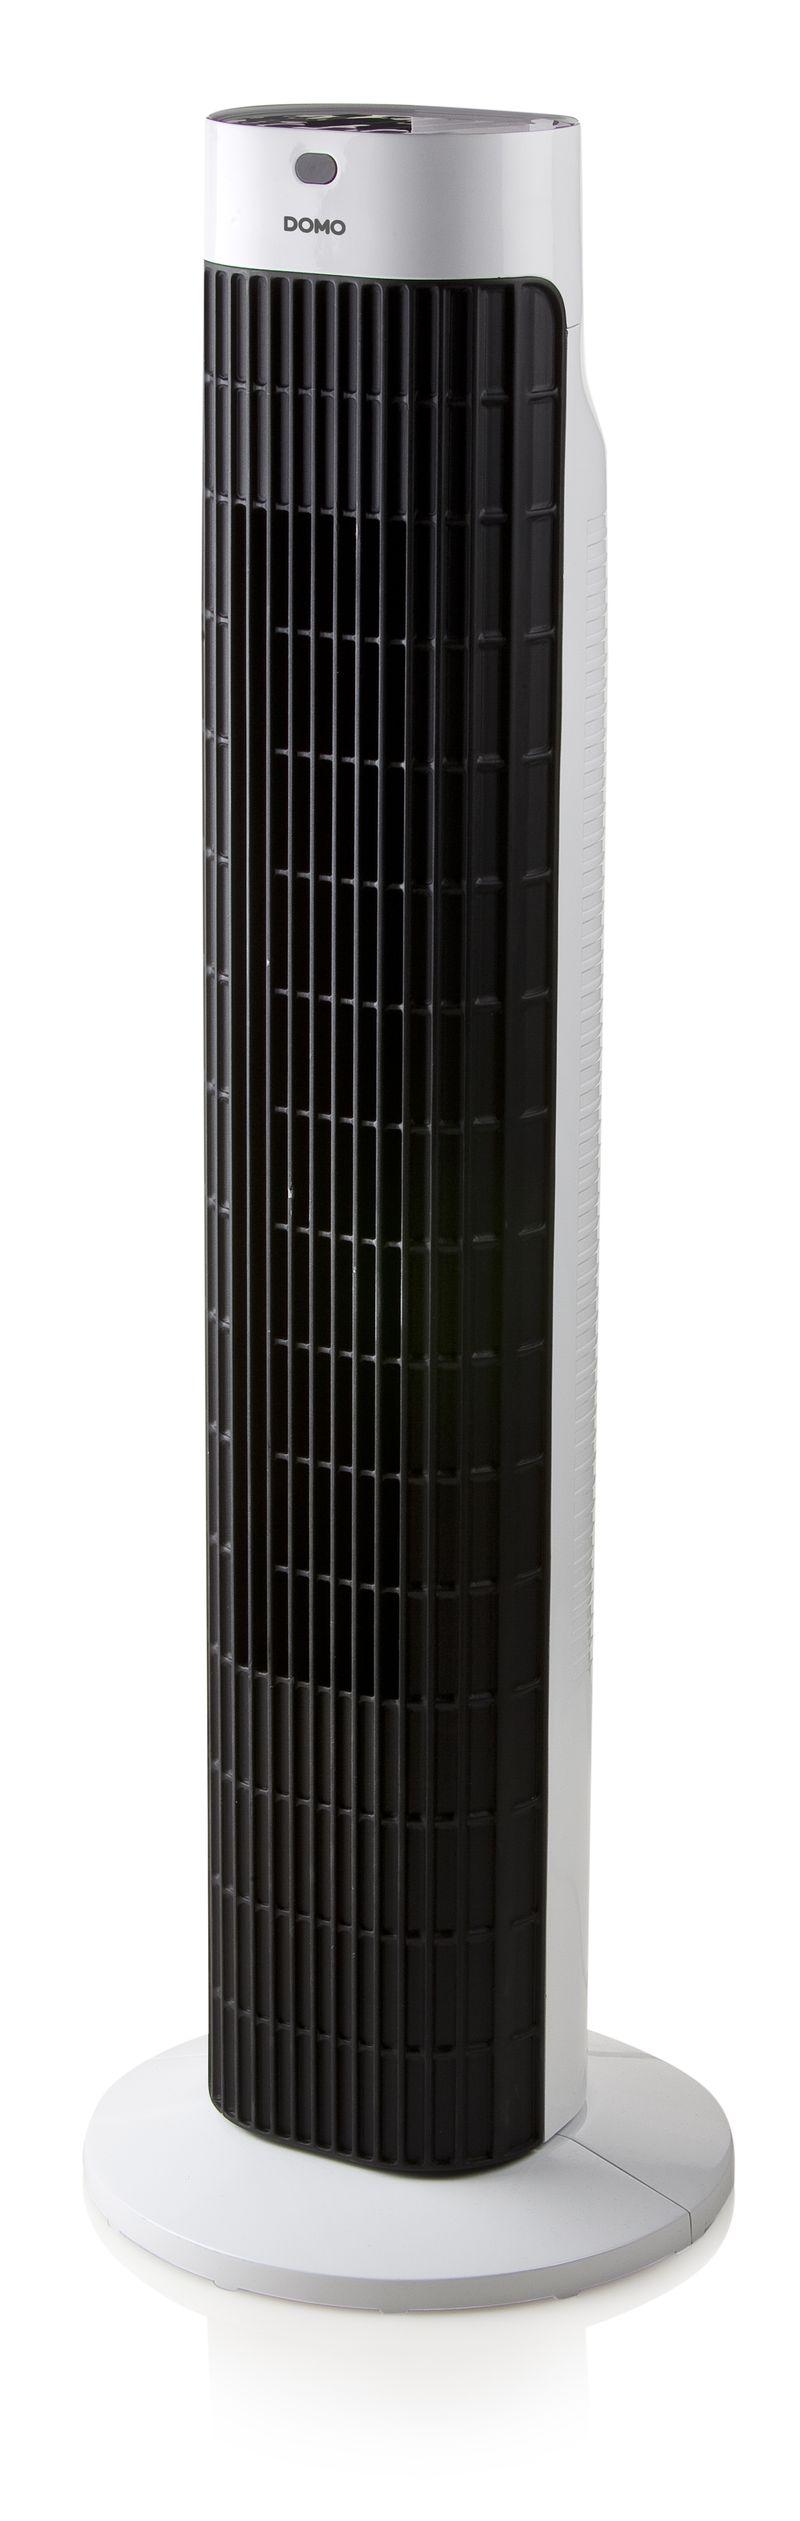 Ventilátor sloupový - DOMO DO8126, dálkové ovládání